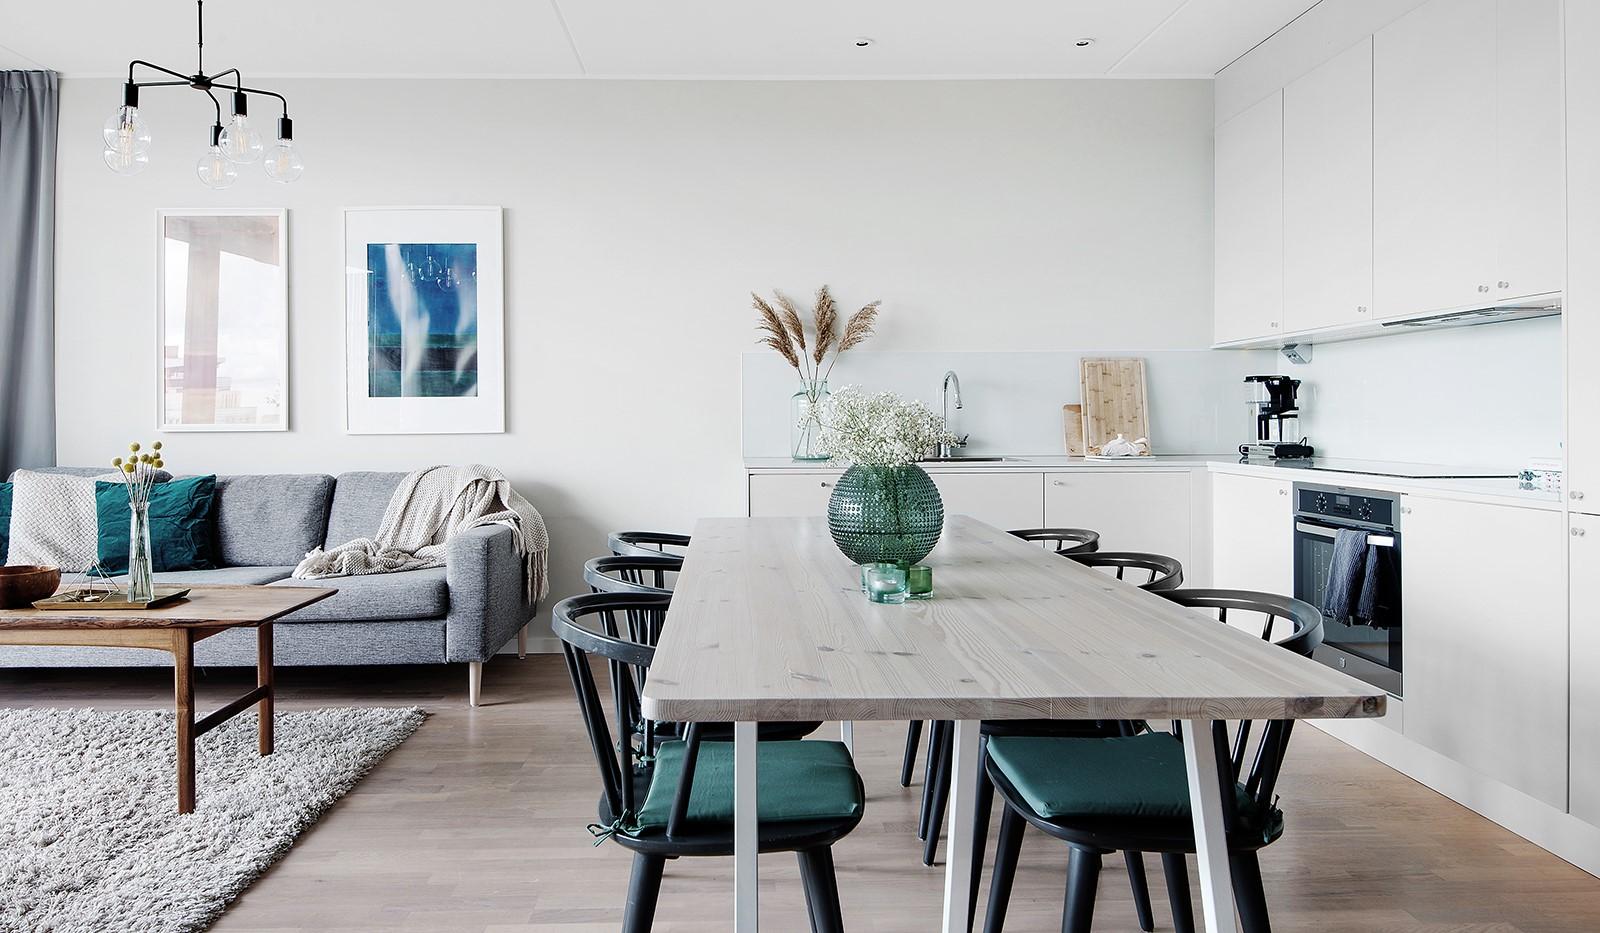 Liljeholmsvägen 12, 6tr - Plats för stort matbord i den öppna planlösningen